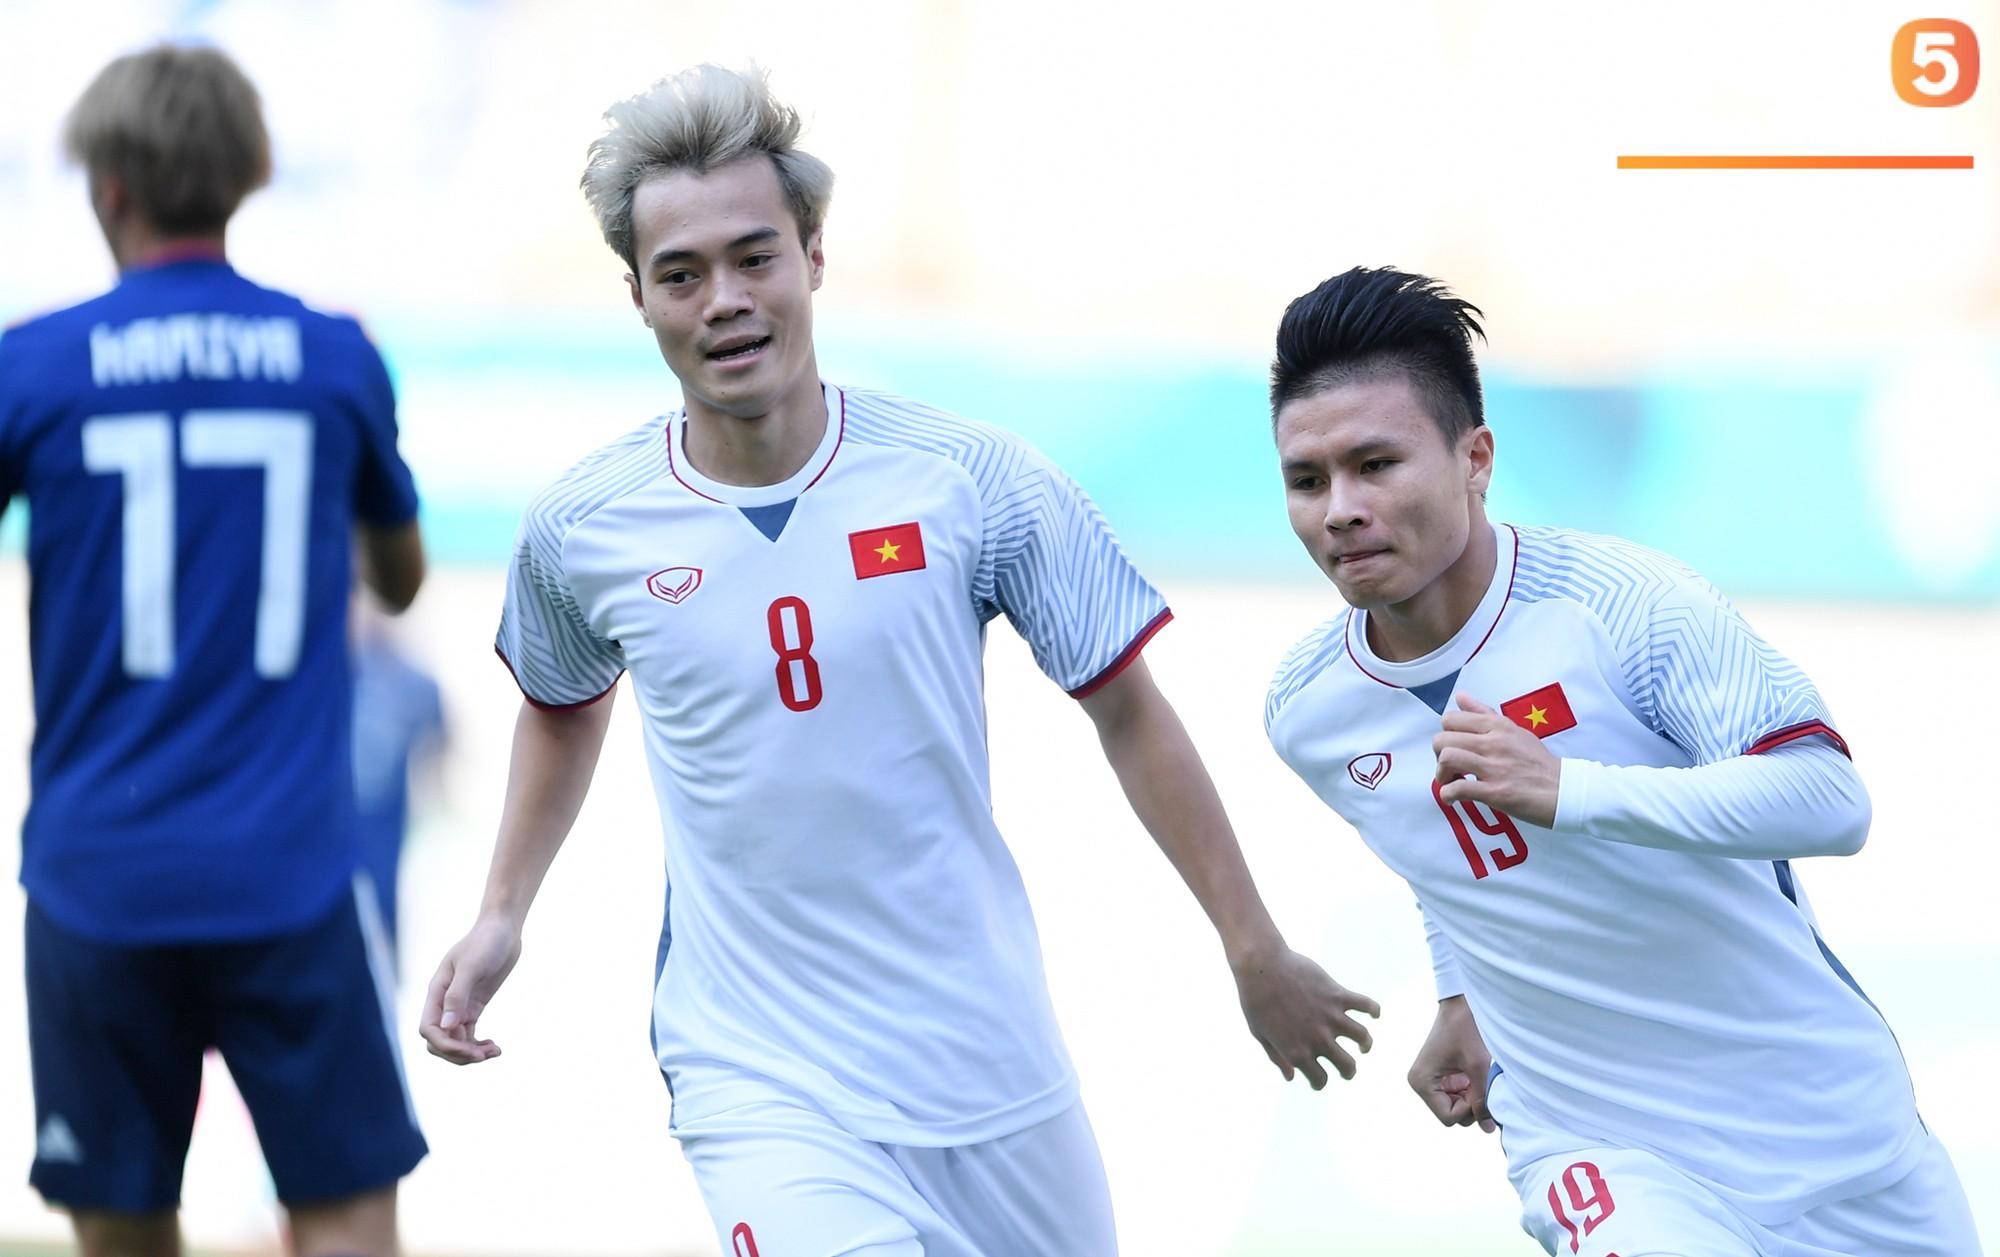 Hành trình kỳ diệu của bóng đá Việt Nam trong năm 2018 qua ảnh-4